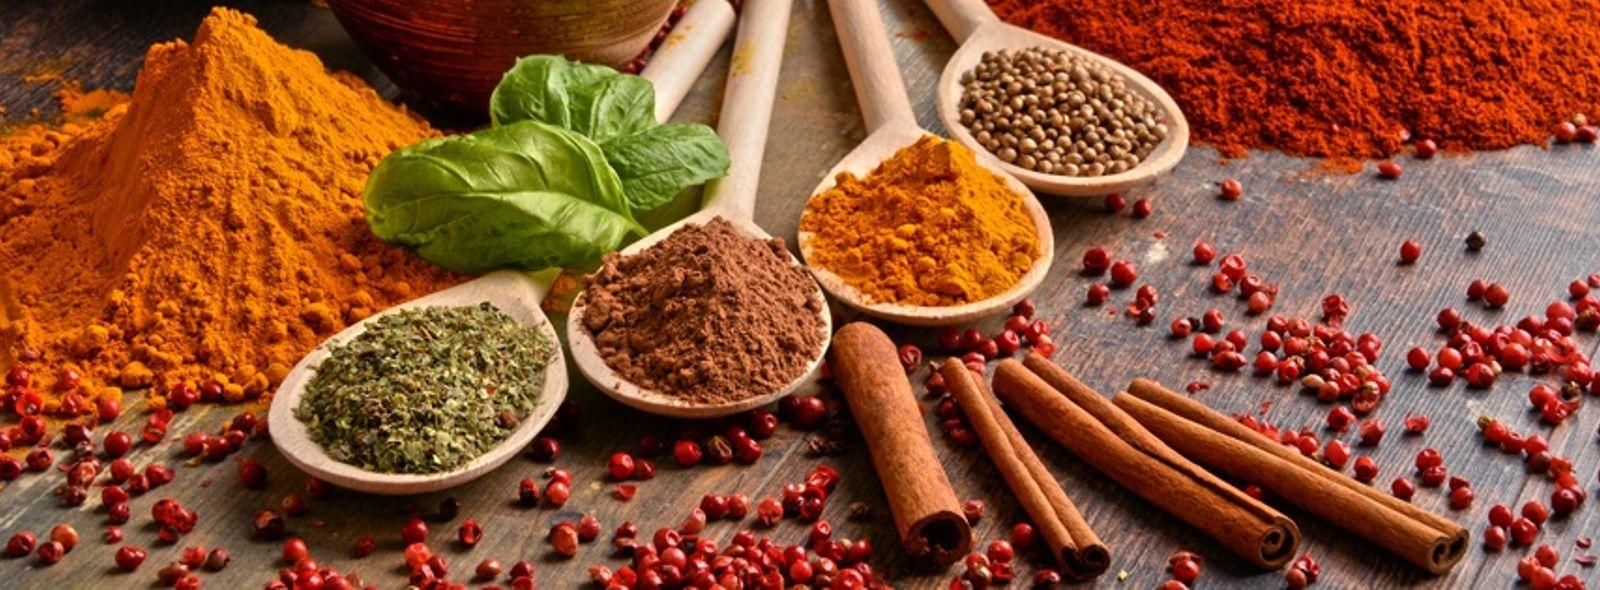 Quali spezie fanno bene alla salute?